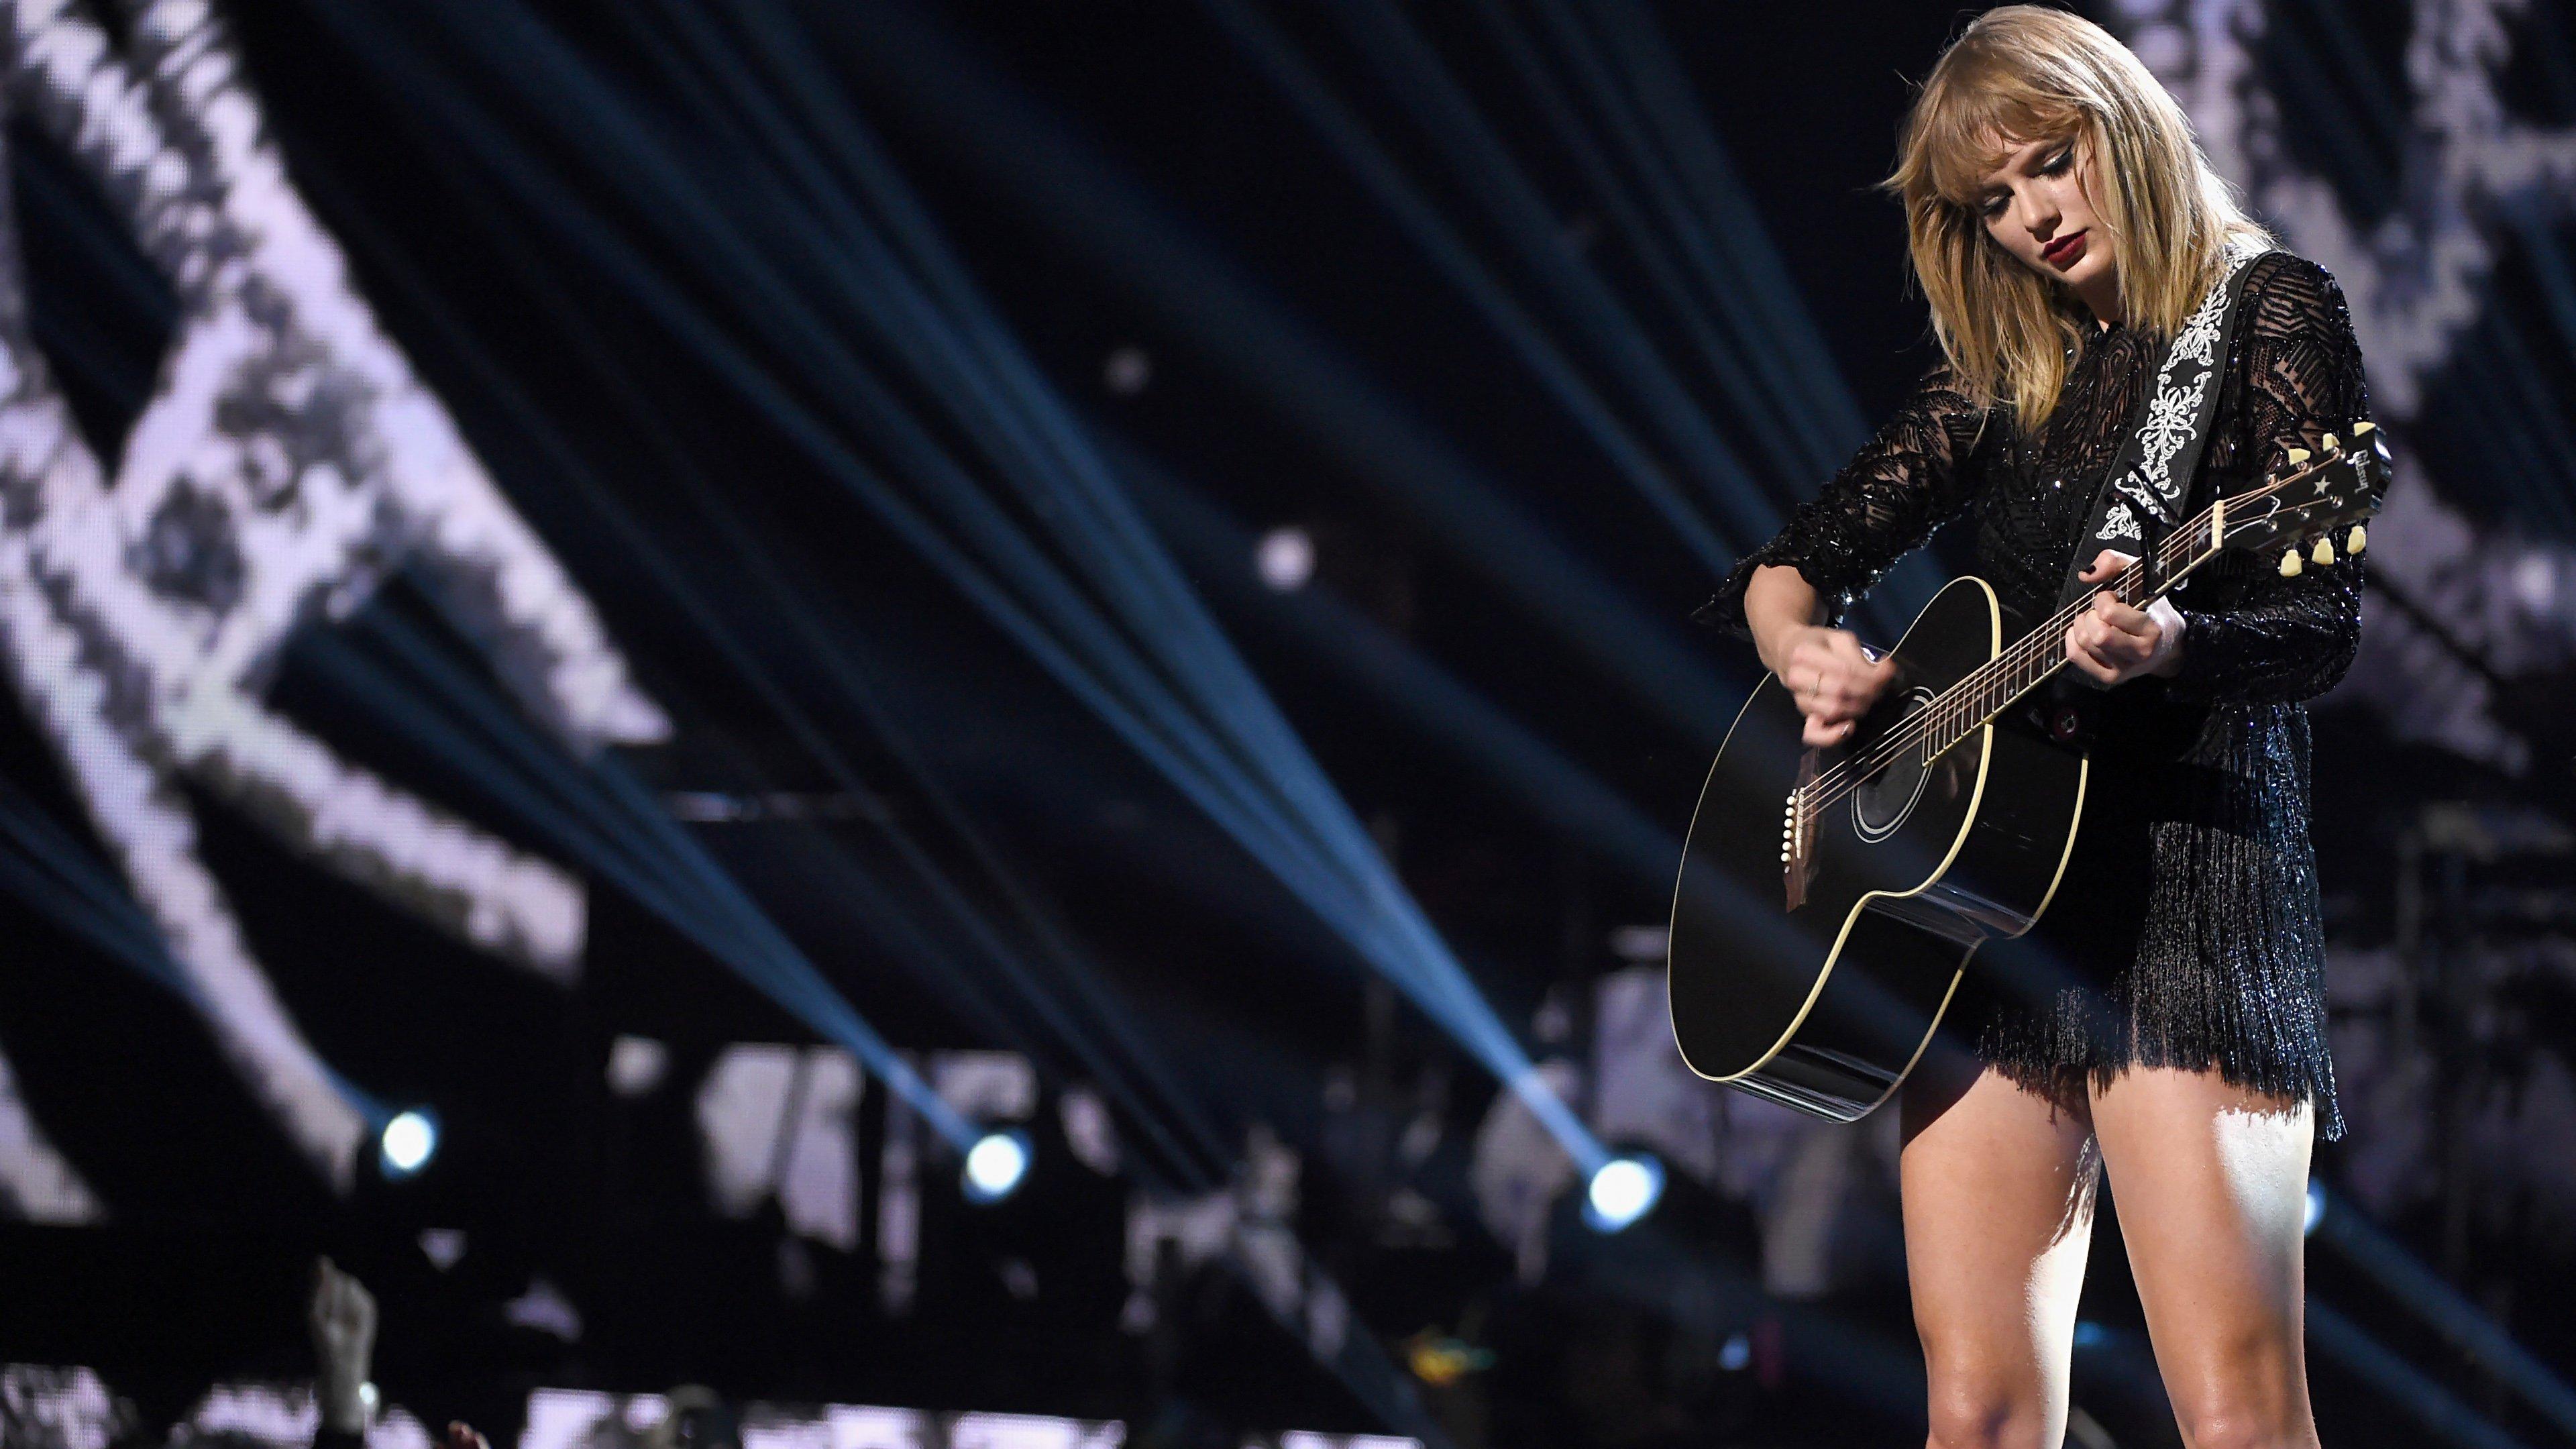 Fondos de pantalla Taylor Swift en MTV music awards 2017